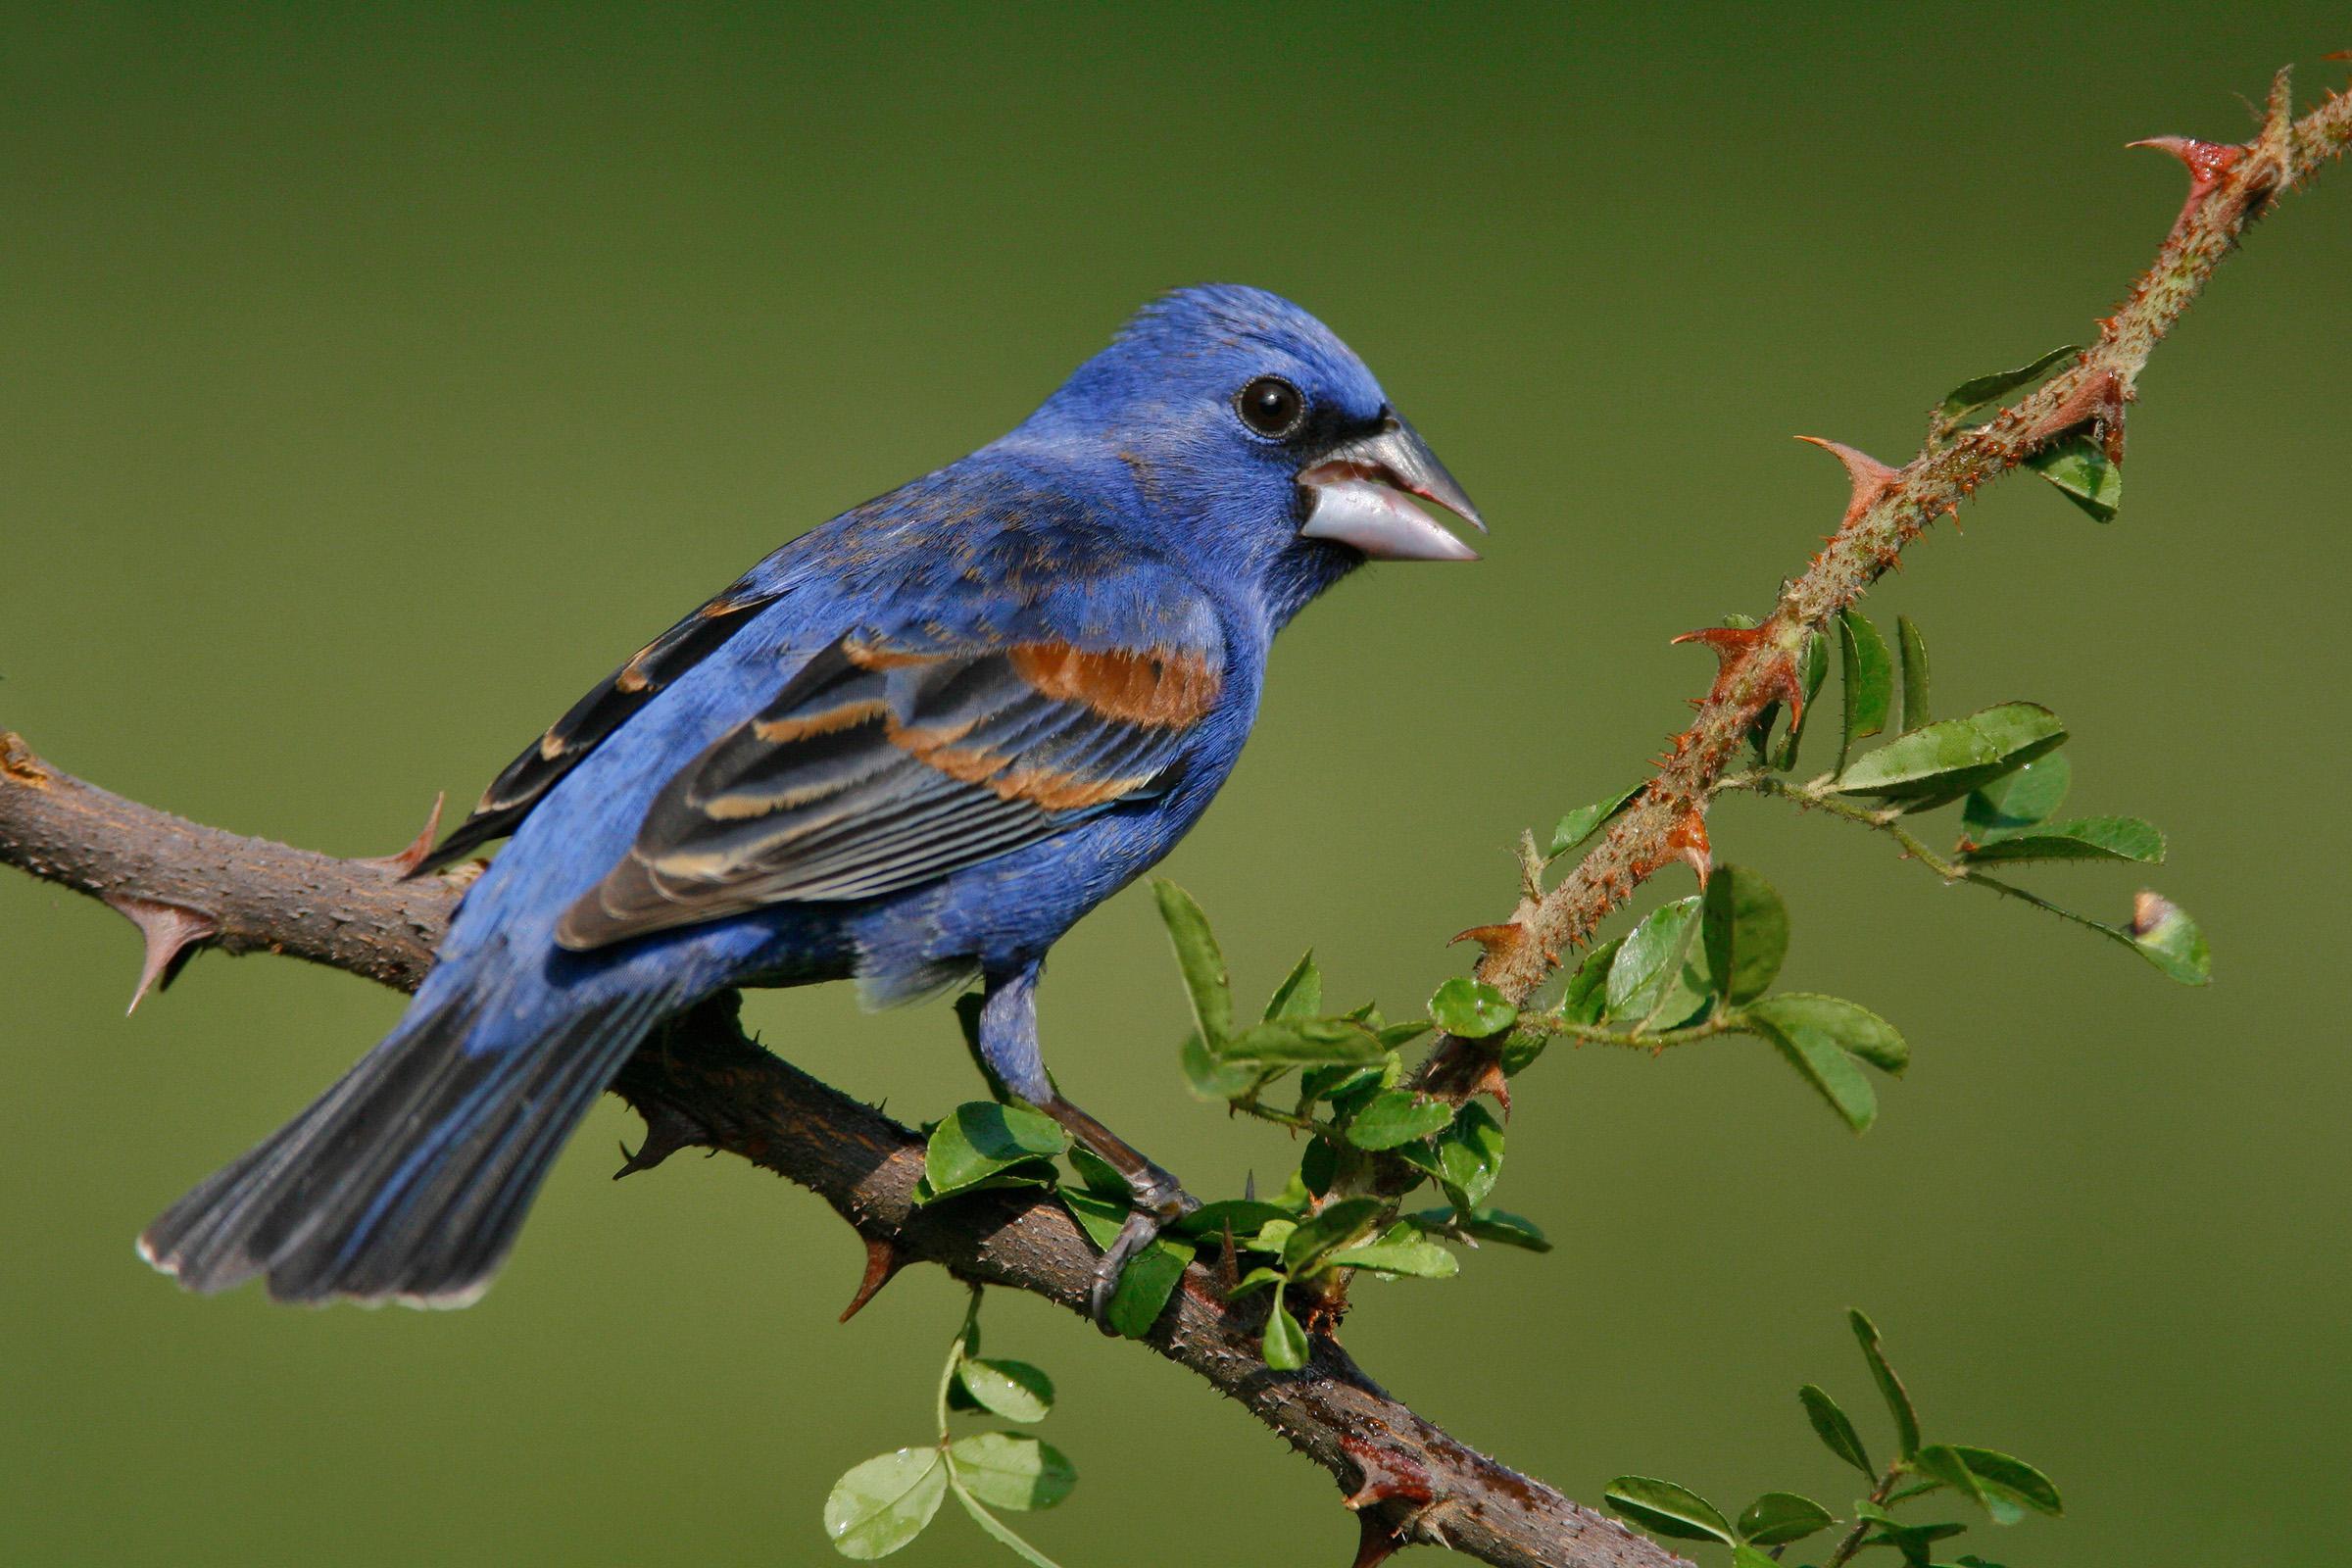 Blue Grosbeak, image from National Audubon Society